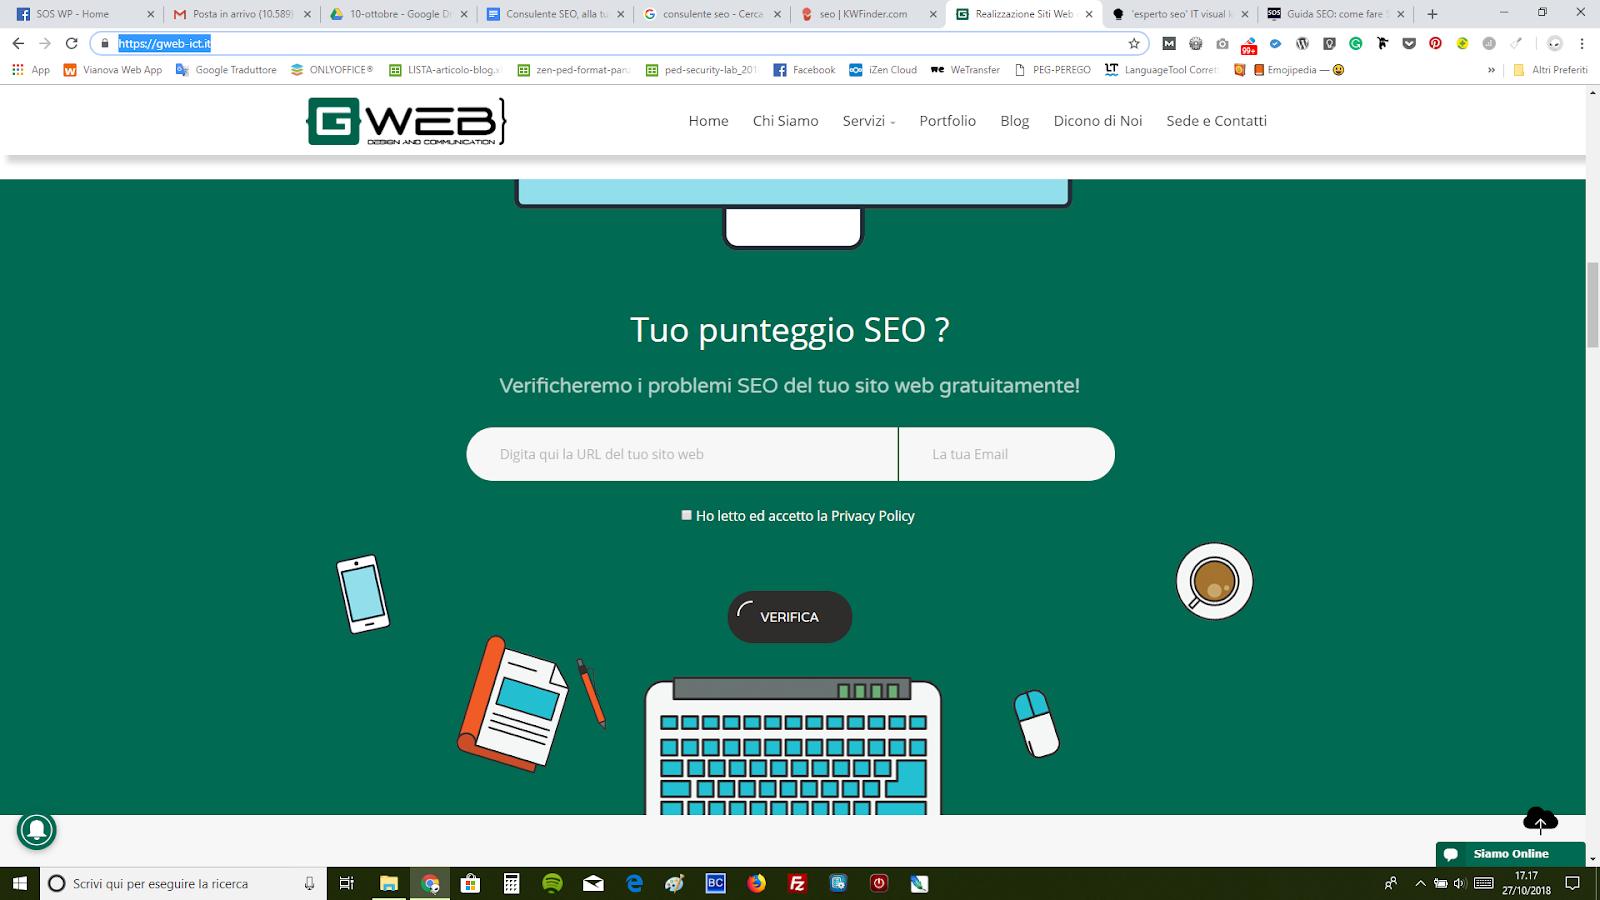 analisi seo del tuo sito web